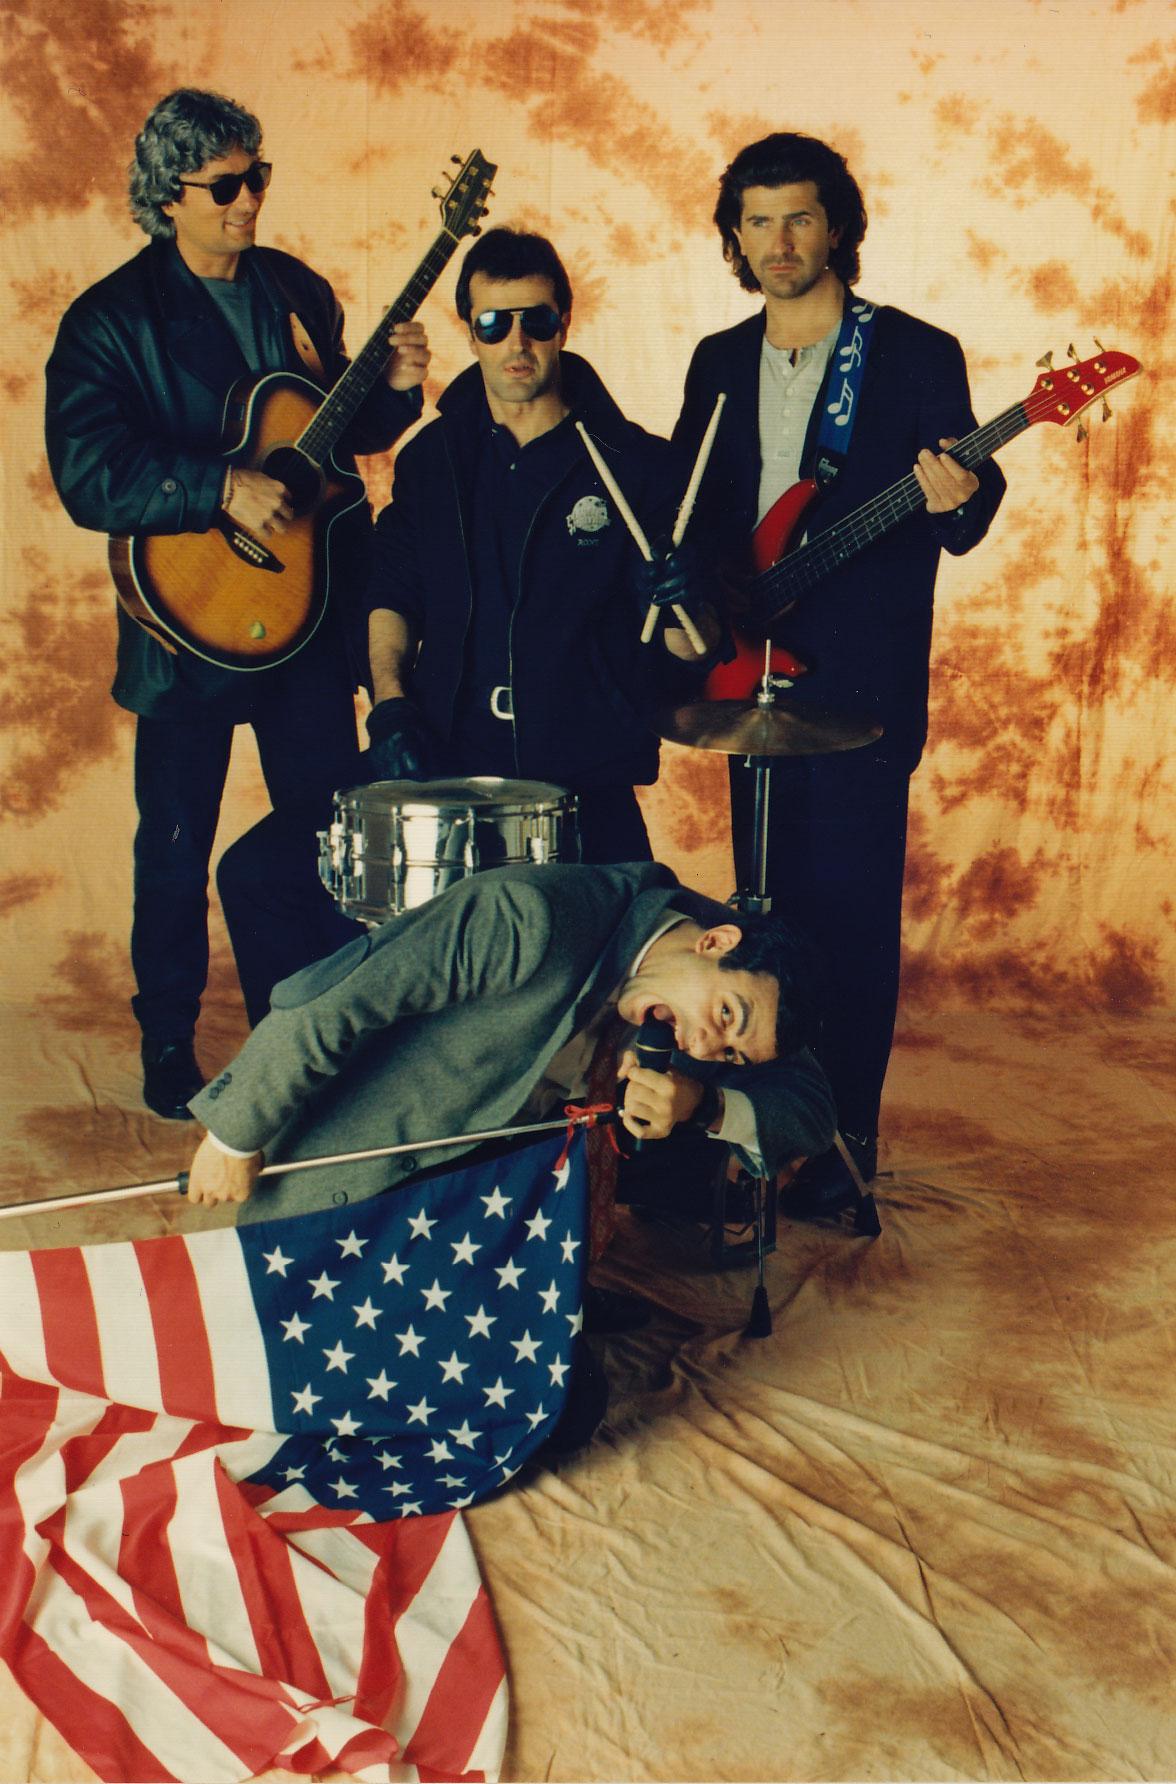 I migliori sosia: una band!